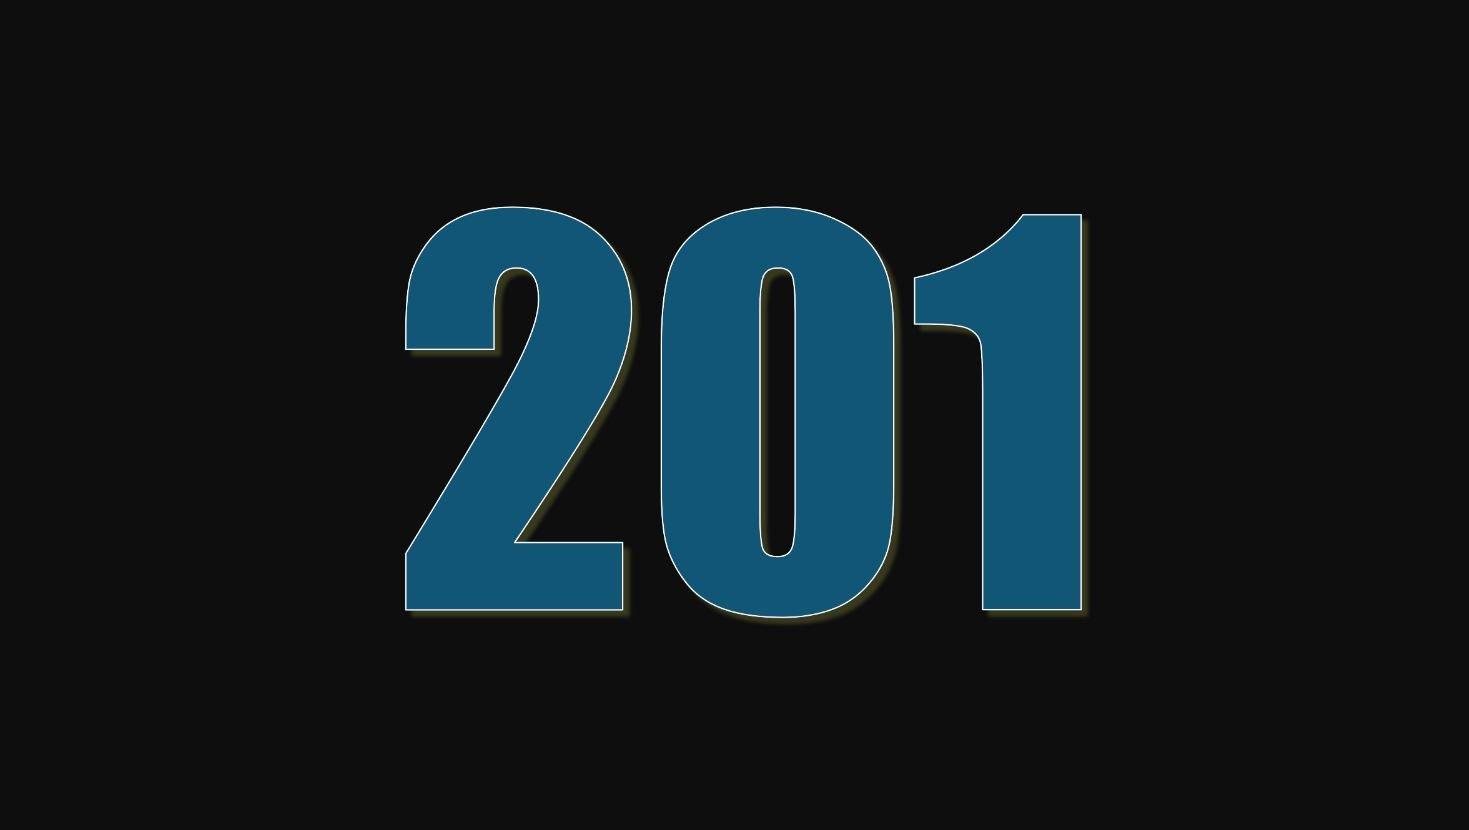 Il significato del numero 201